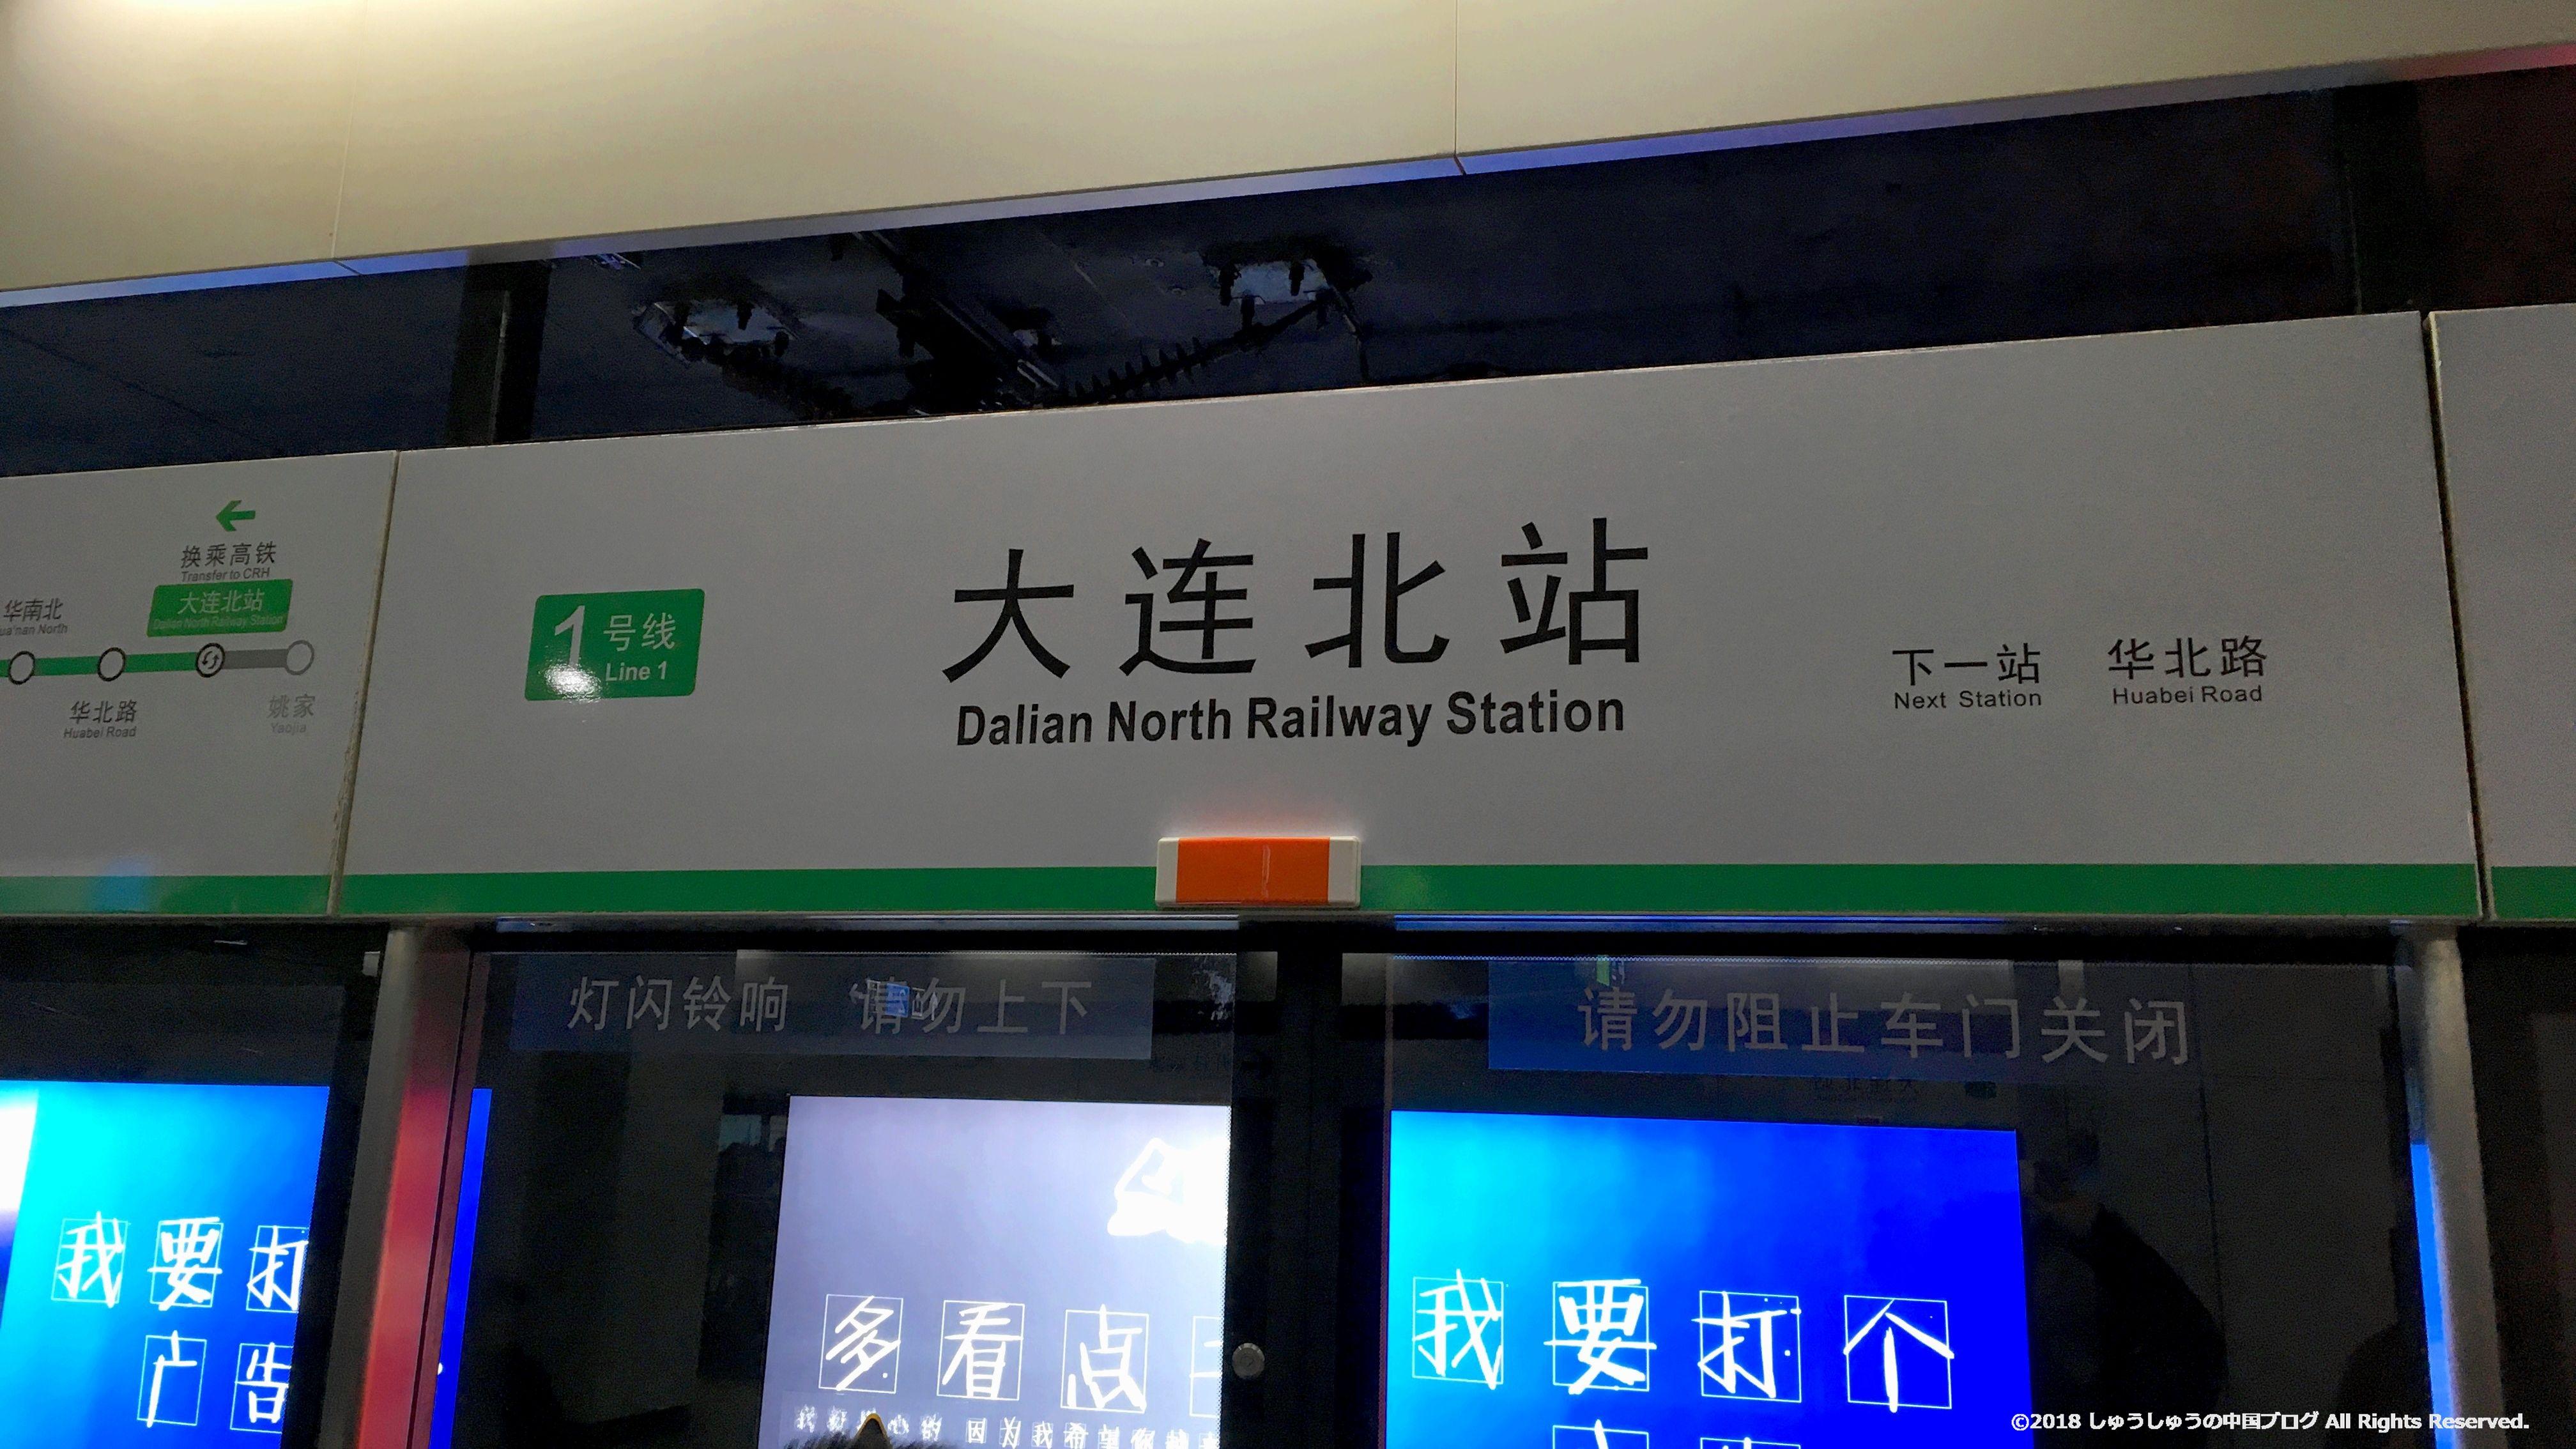 大連地下鉄大連北駅